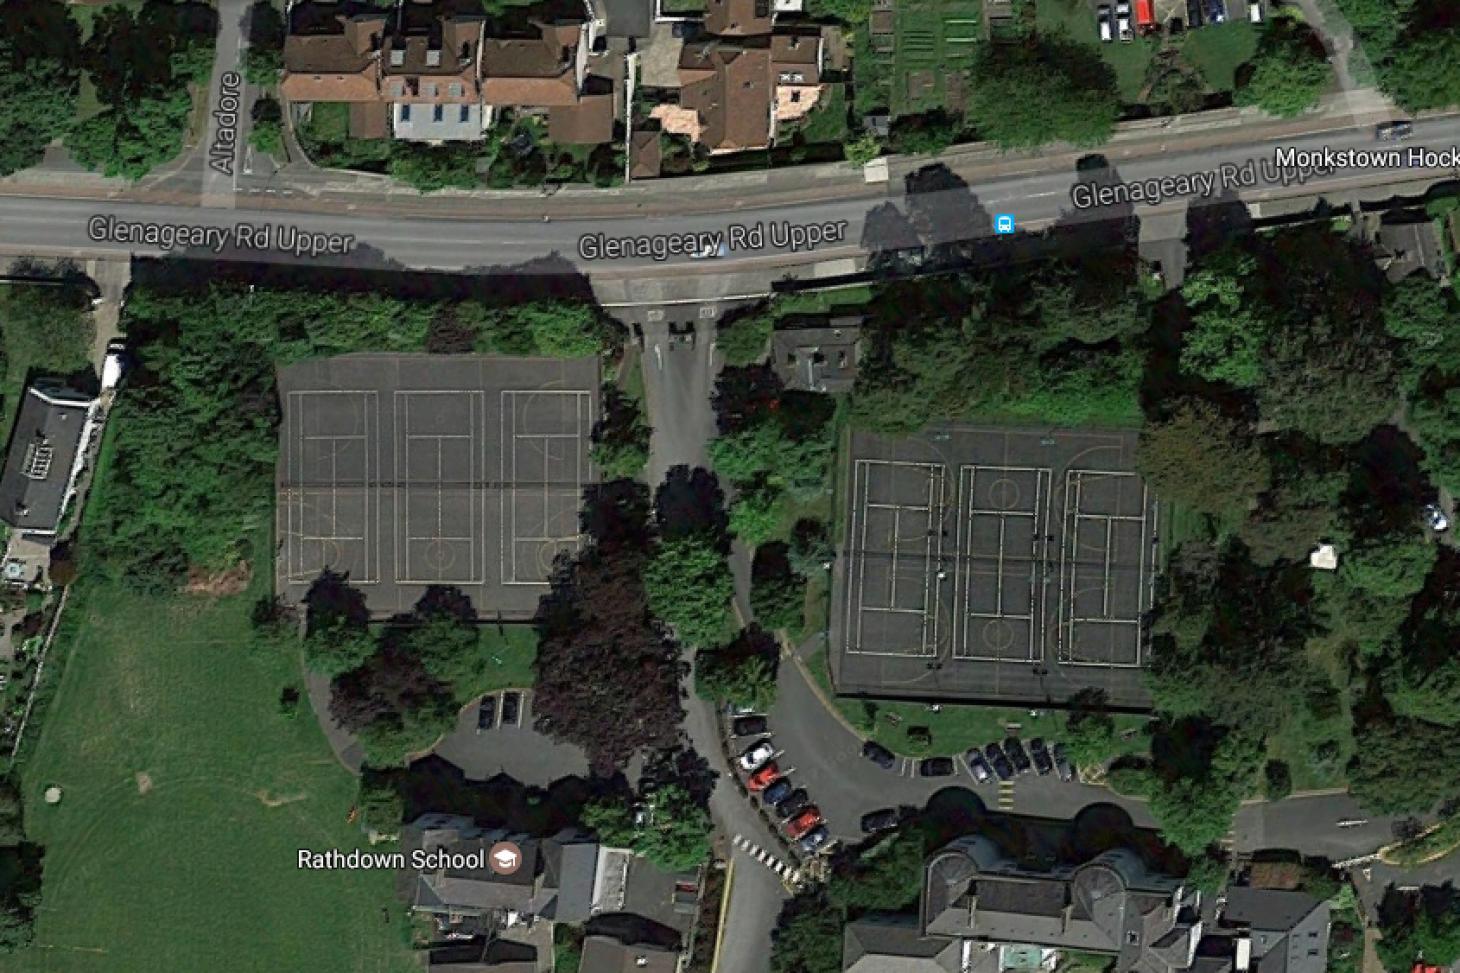 Rathdown School Campus Outdoor   Hard (macadam) tennis court